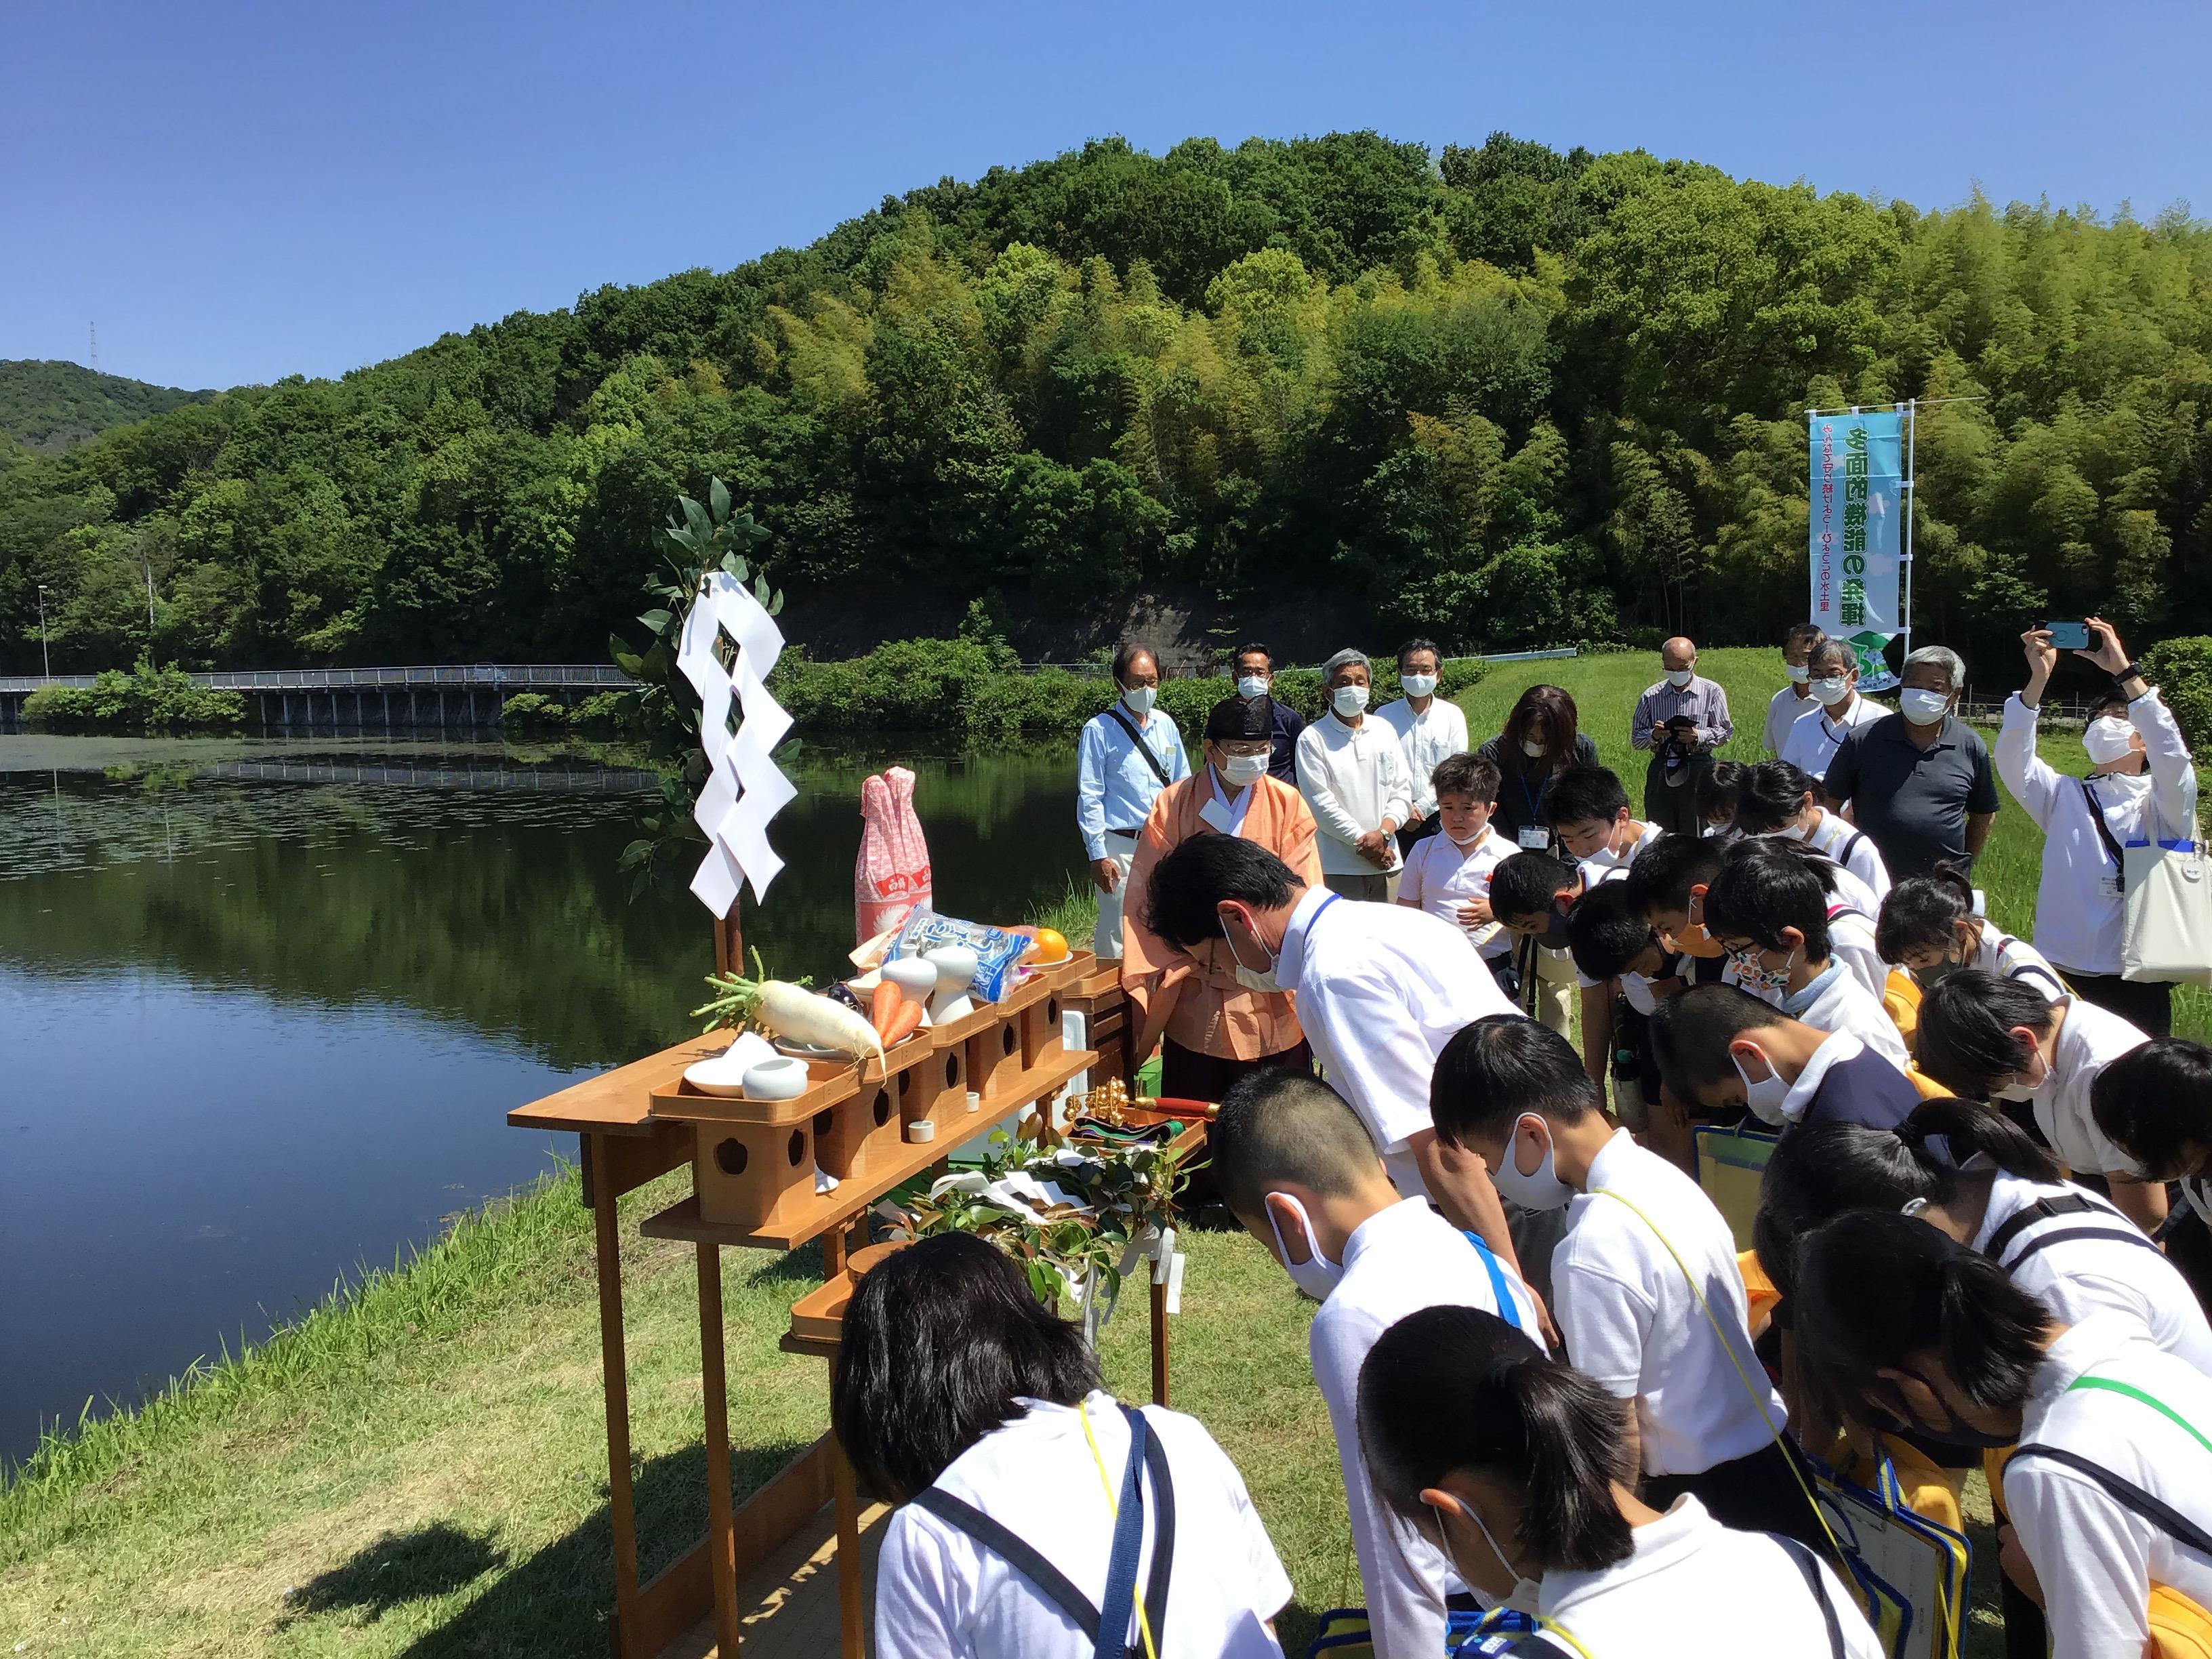 志方西小学校の藤本校長先生と共に4年生20人も拝礼を経験